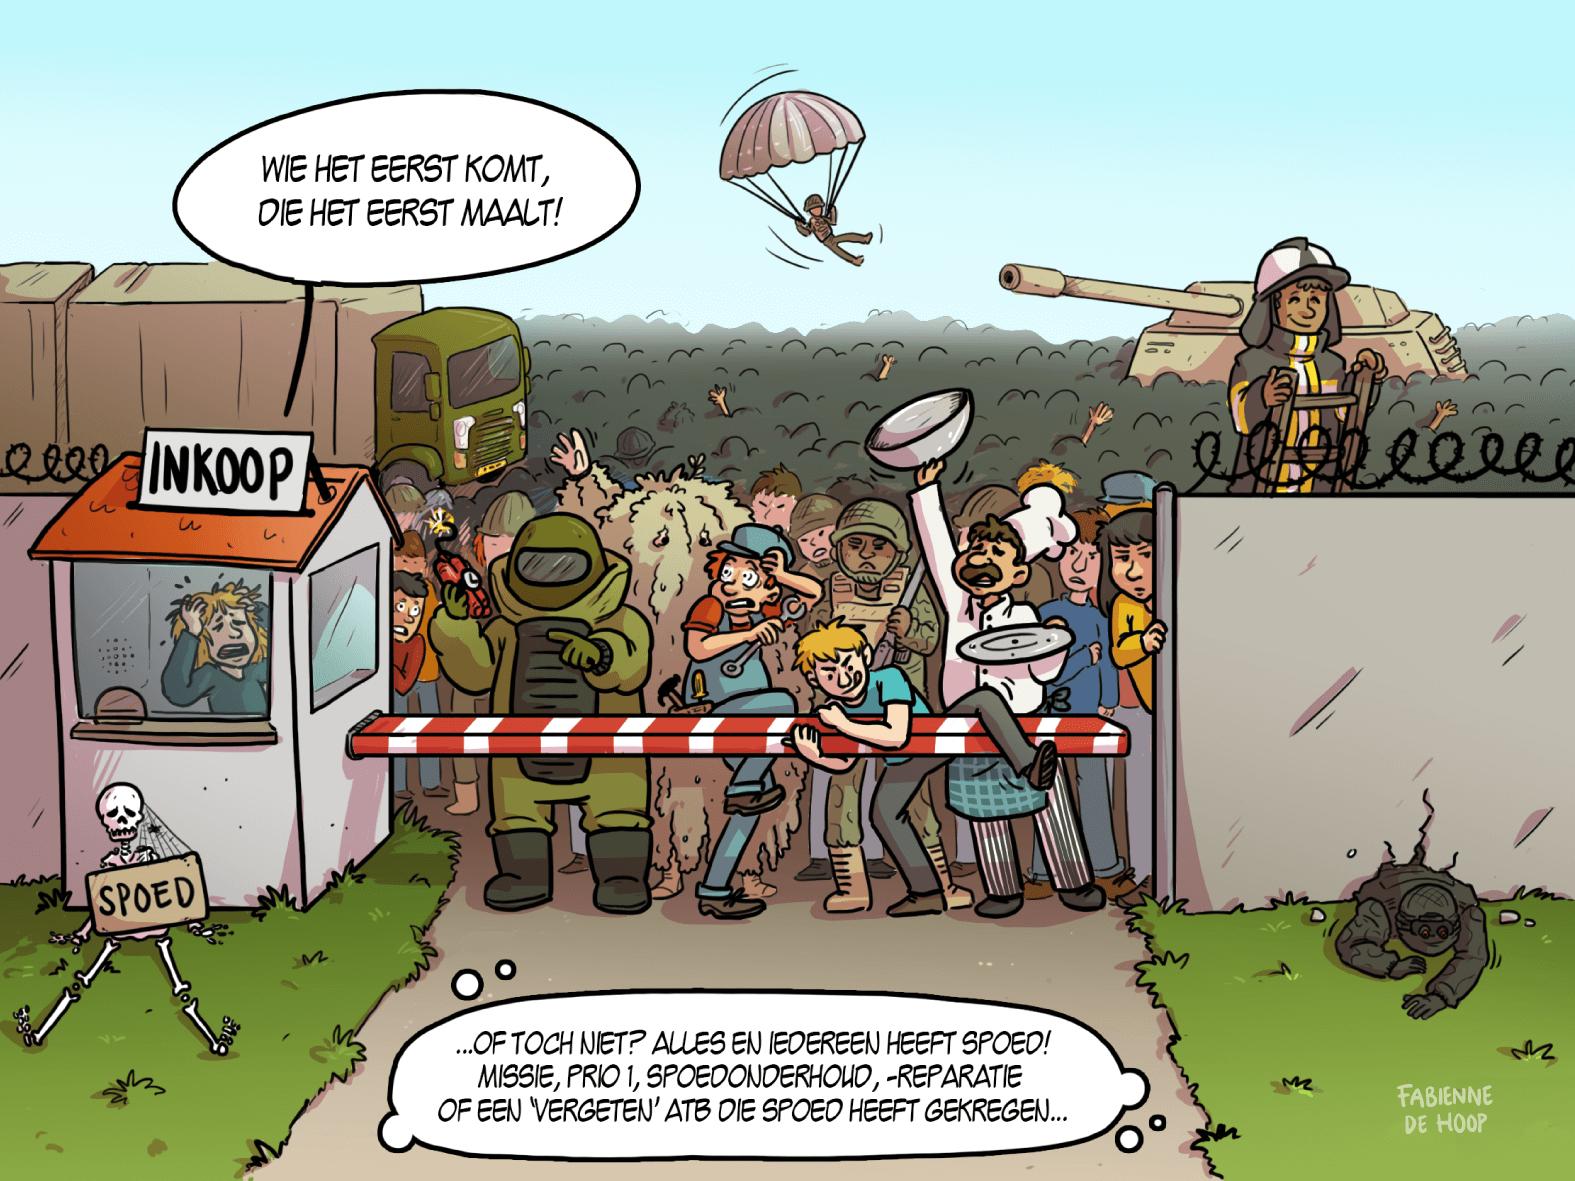 Spoedklussen bij de landmacht als cartoon verbeeld